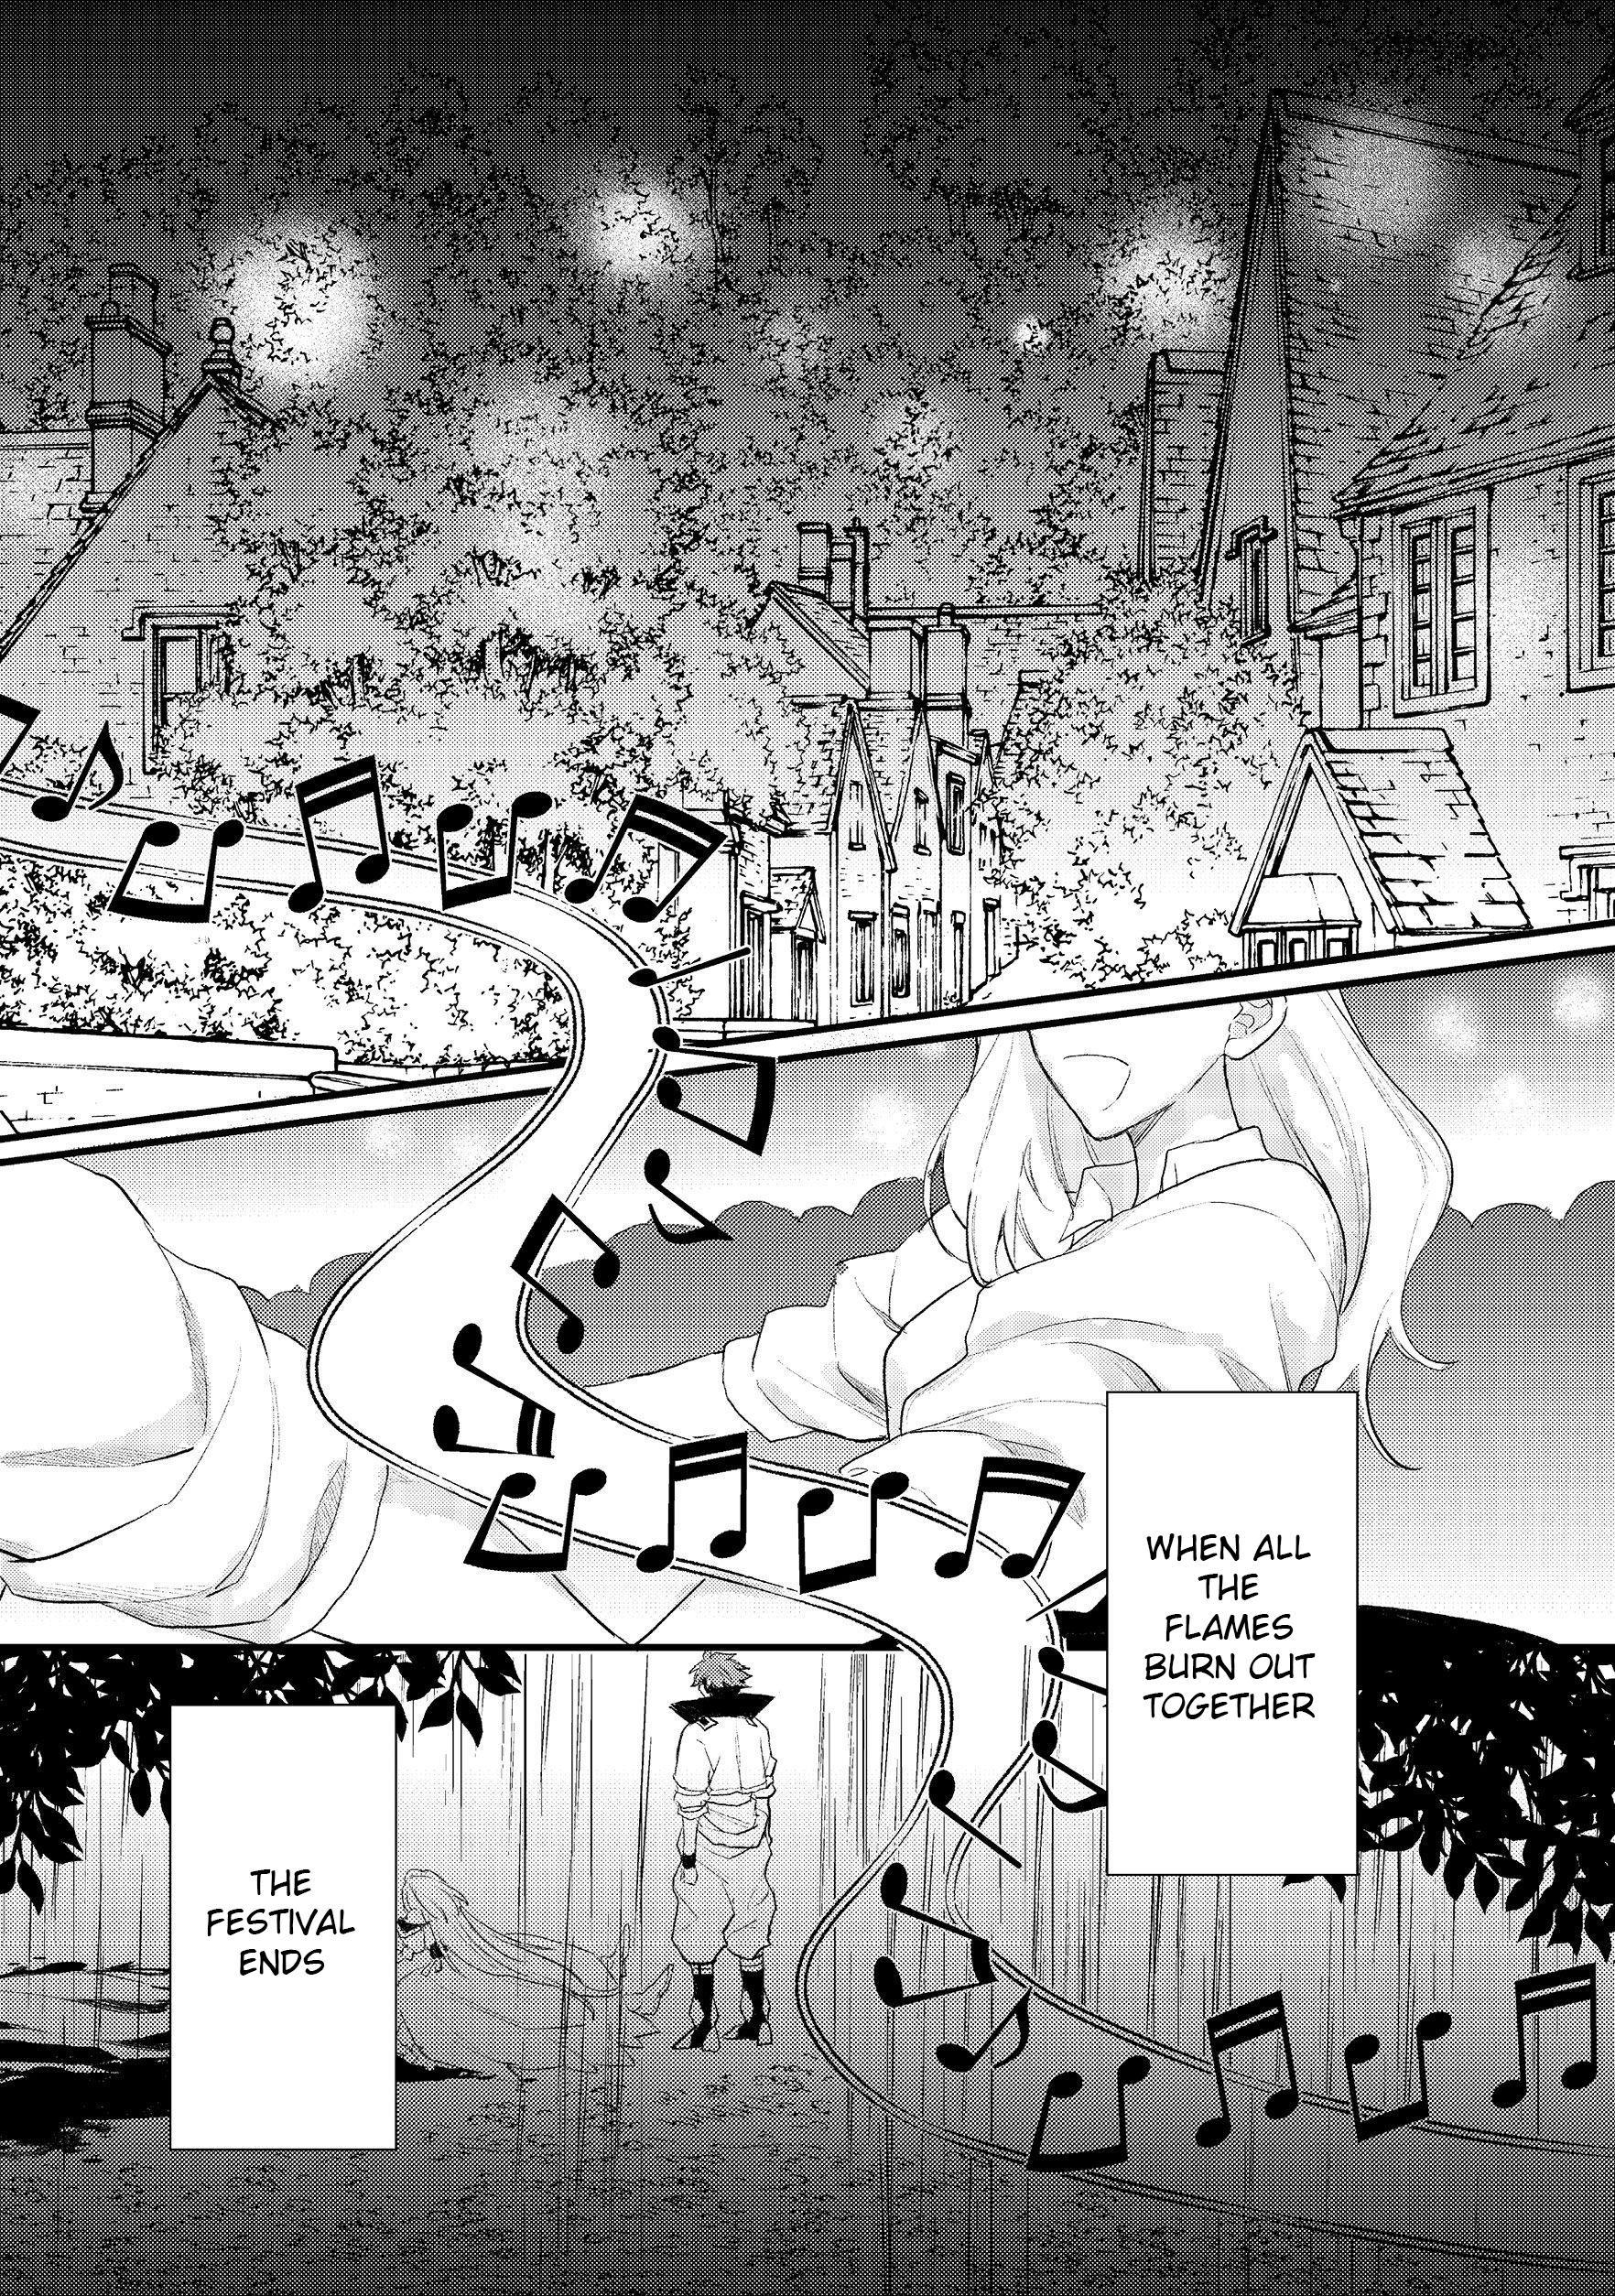 Dekisokonai To Yobareta Moto Eiyuu Wa, Jikka Kara Tsuihousareta No De Suki Katte Ni Ikiru Koto Ni Shita Chapter 13.1 page 2 - Mangakakalots.com